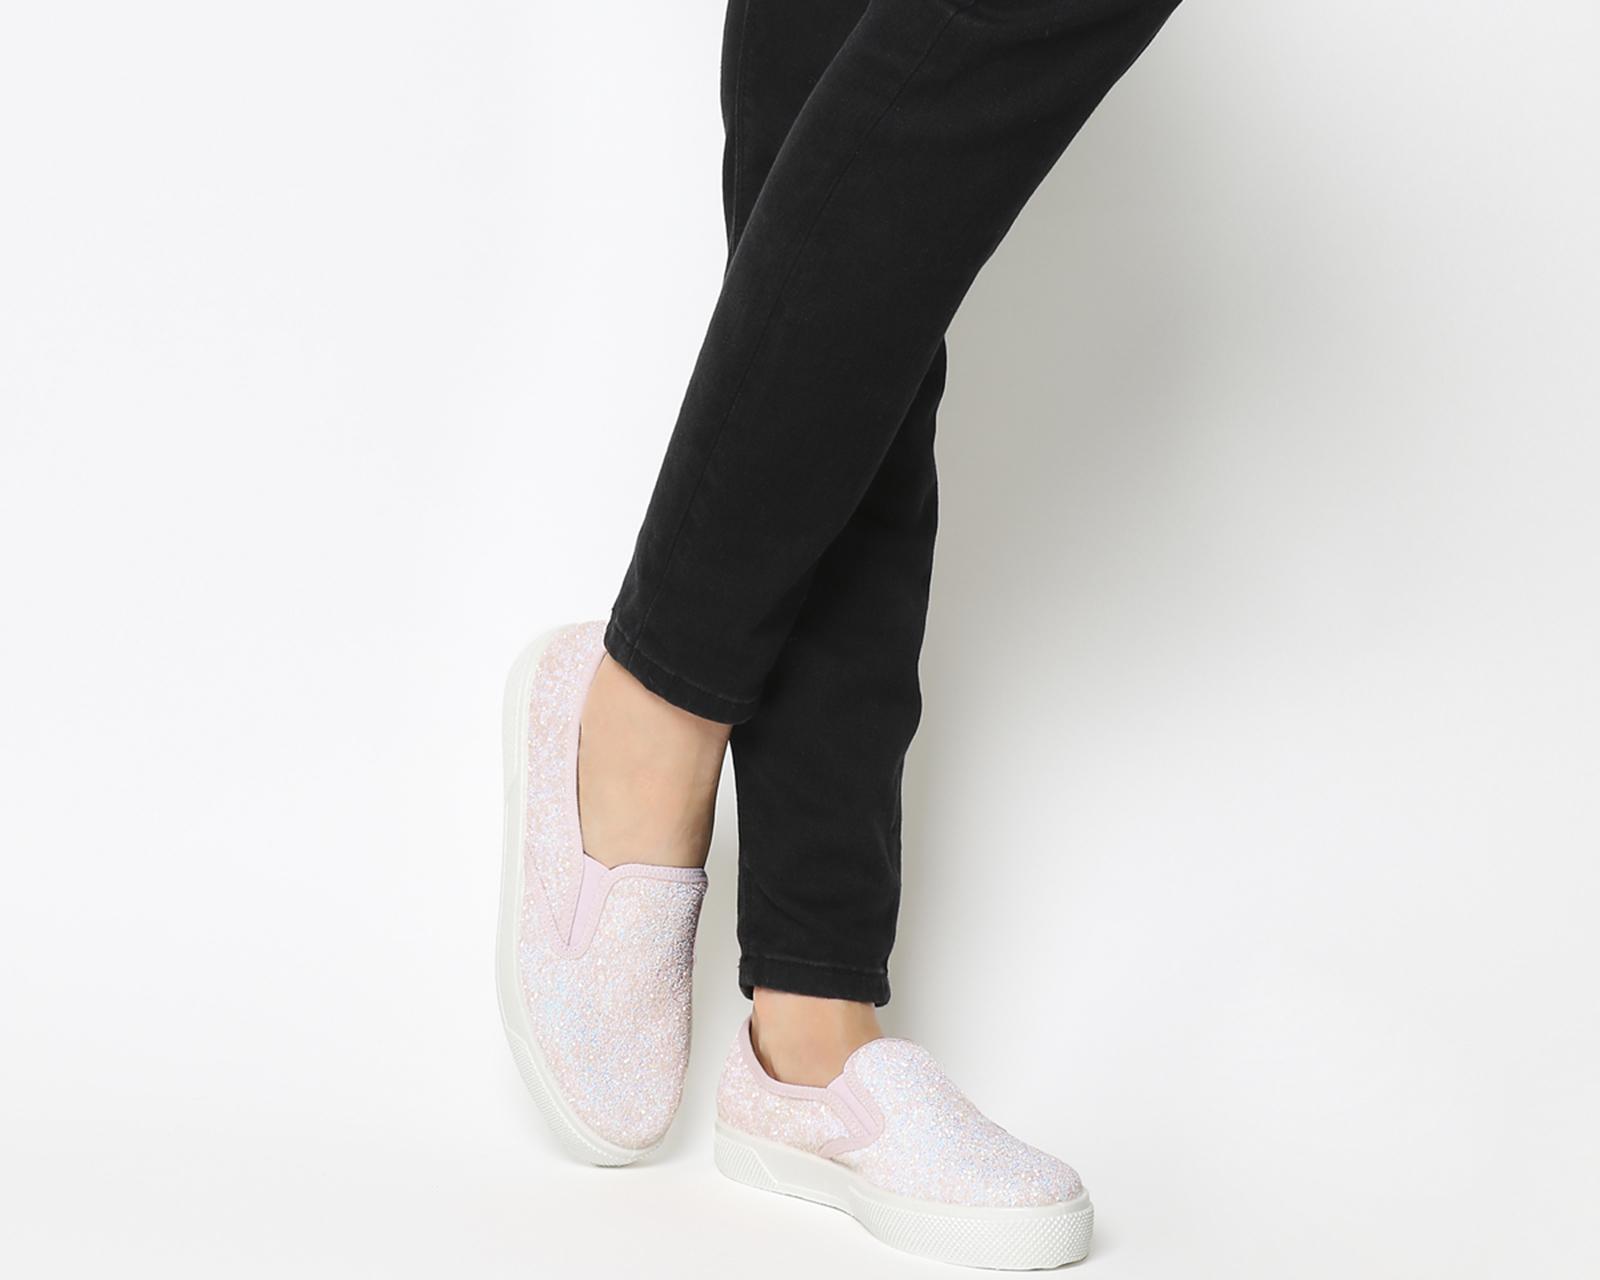 b790b2fc2345 Dettagli su Da Donna Ufficio Kicker Slip On Scarpe da ginnastica Luce Rosa  Glitter Scarpe Basse- mostra il titolo originale